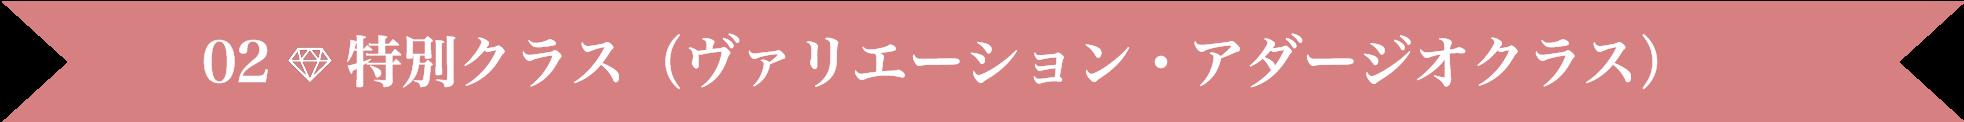 01 25 - バレエ・レヴェランスの特徴